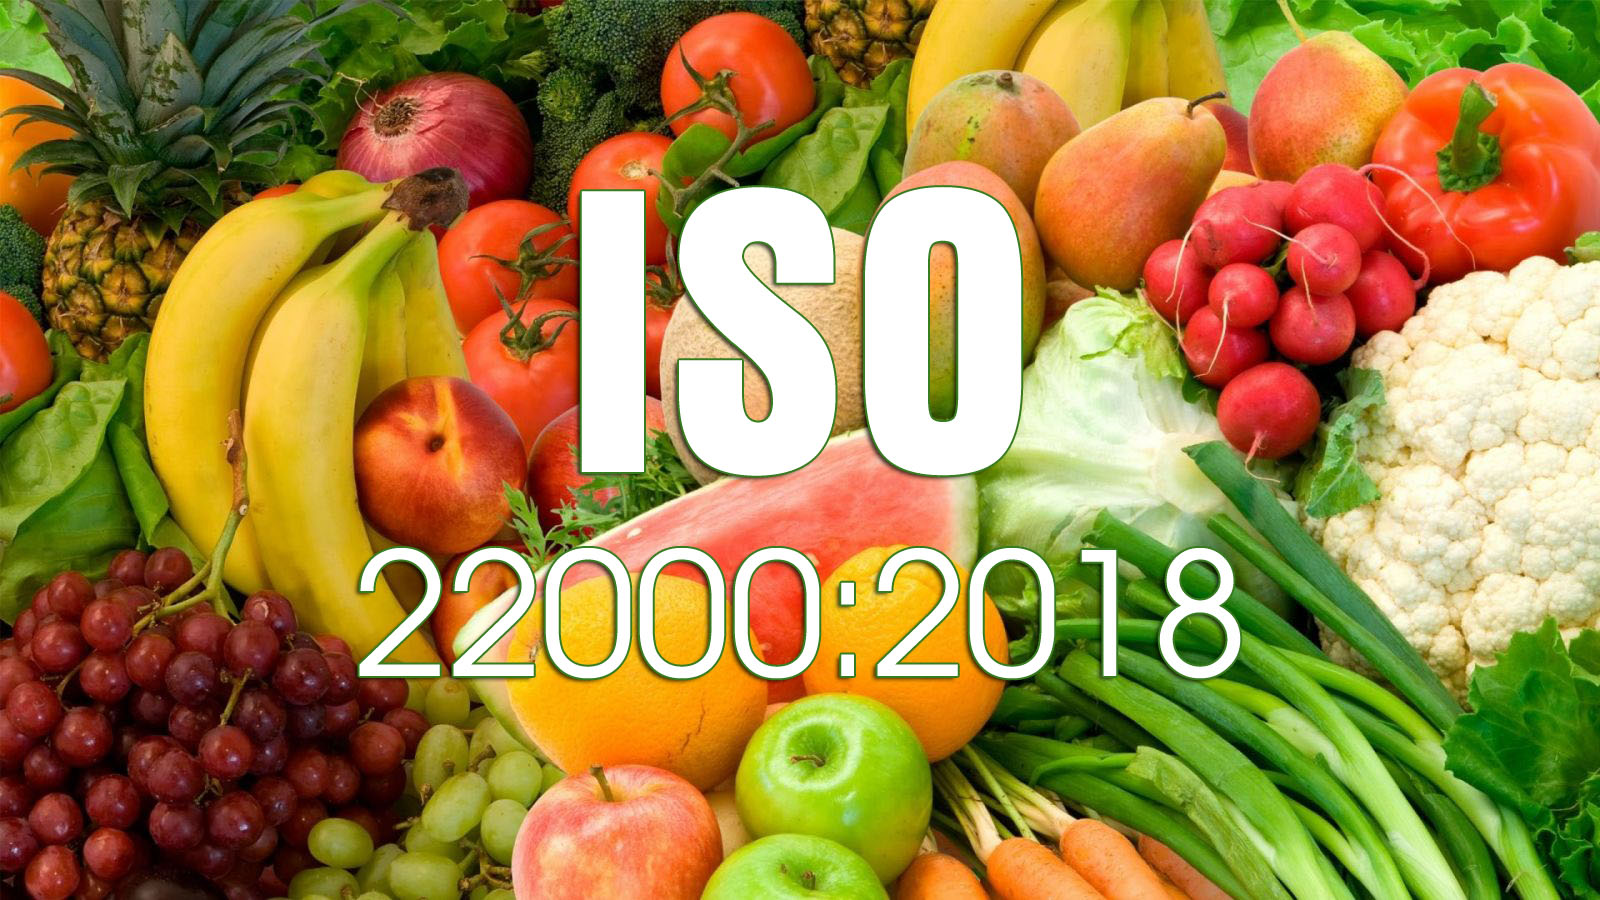 NHẬN THỨC QUẢN LÝ AN TOÀN THỰC PHẨM THEO ISO 22000:2018 (Cấp 1)